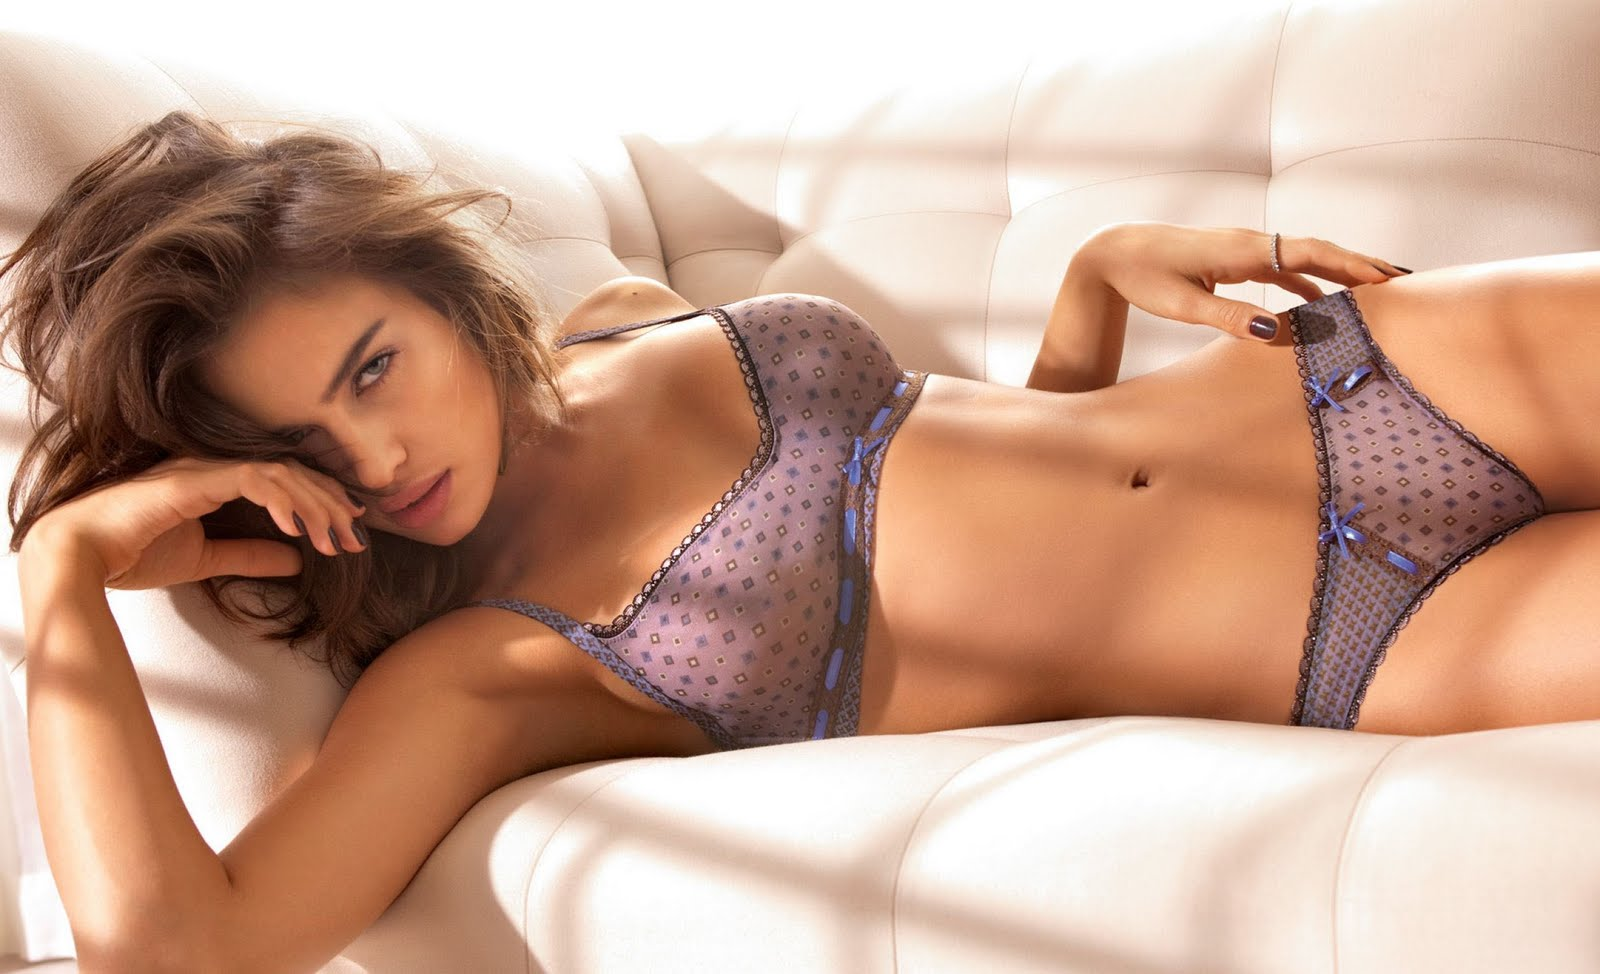 Irina Shayk watkykjy warm bokkie